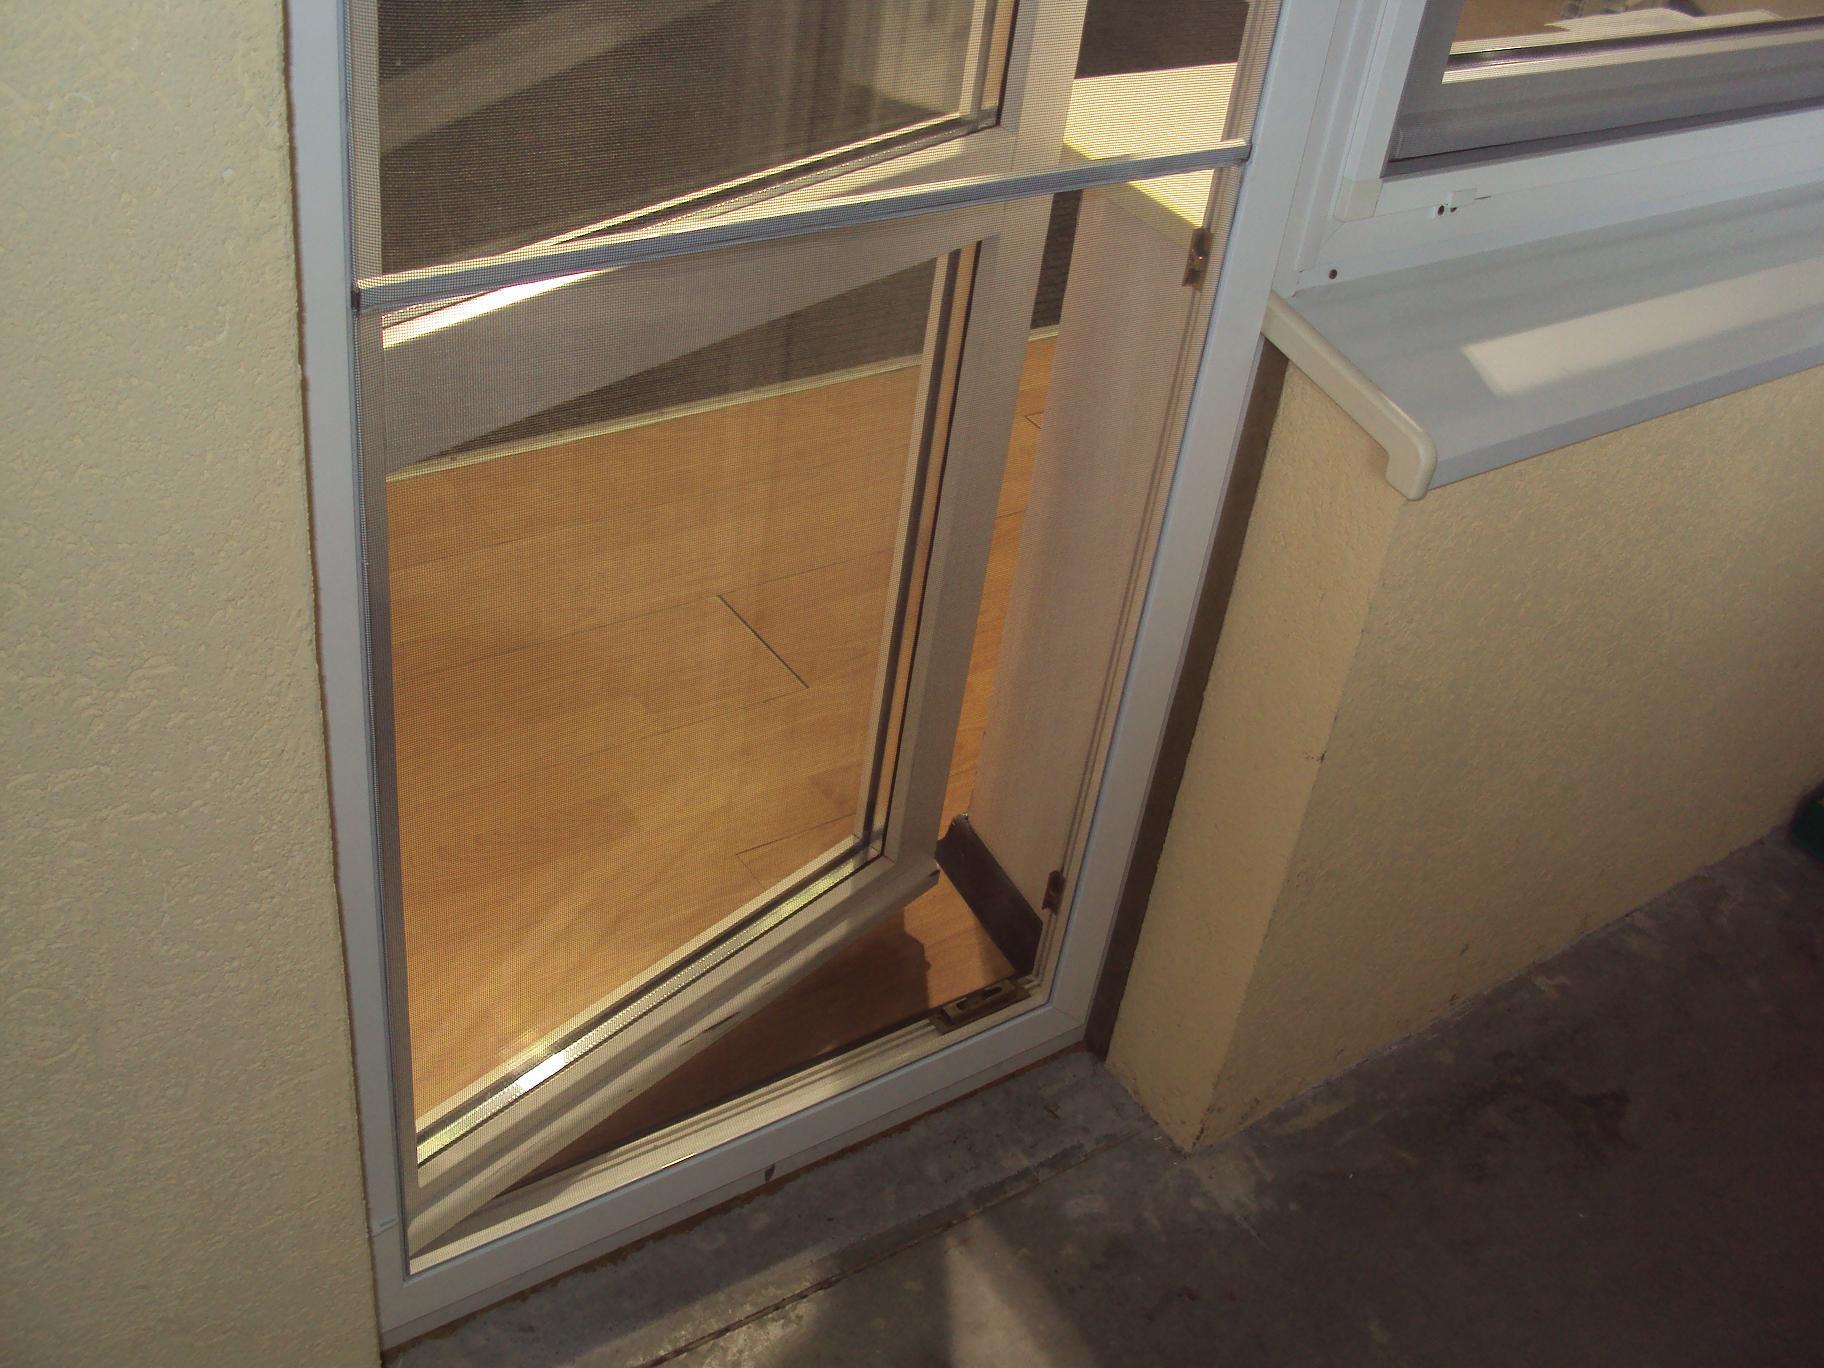 Как сделать москитную сетку для окна своими руками фото 754